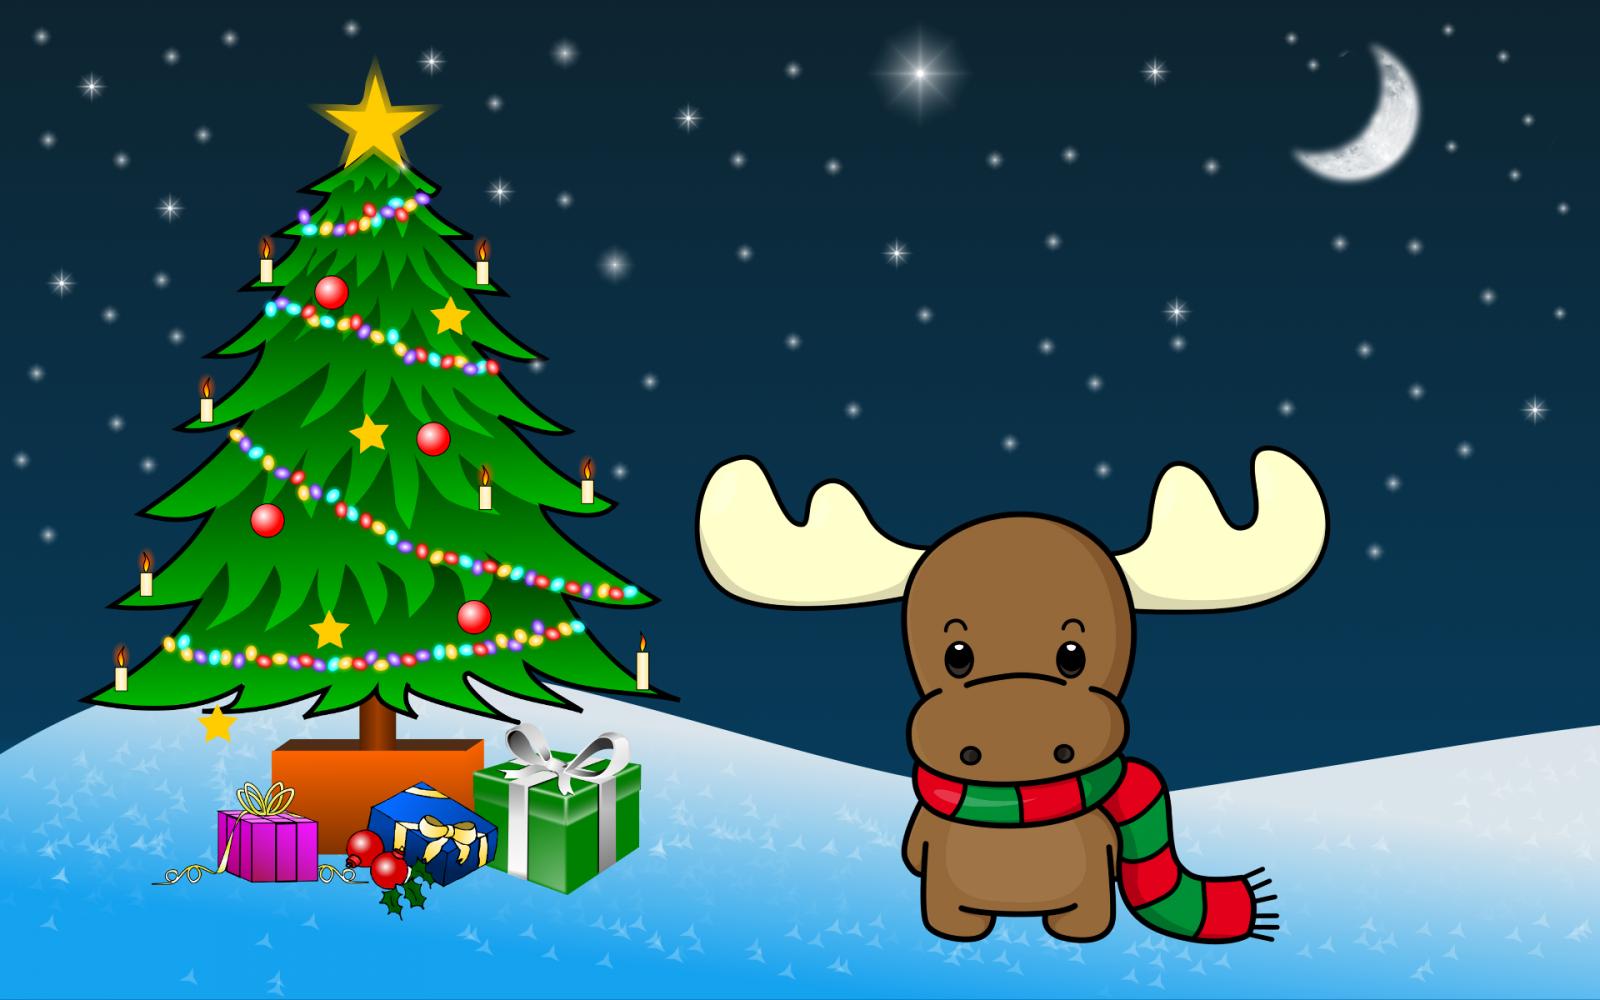 countdown to christmas 2015 handmade and vintage week 12 - Countdown To Christmas 2015